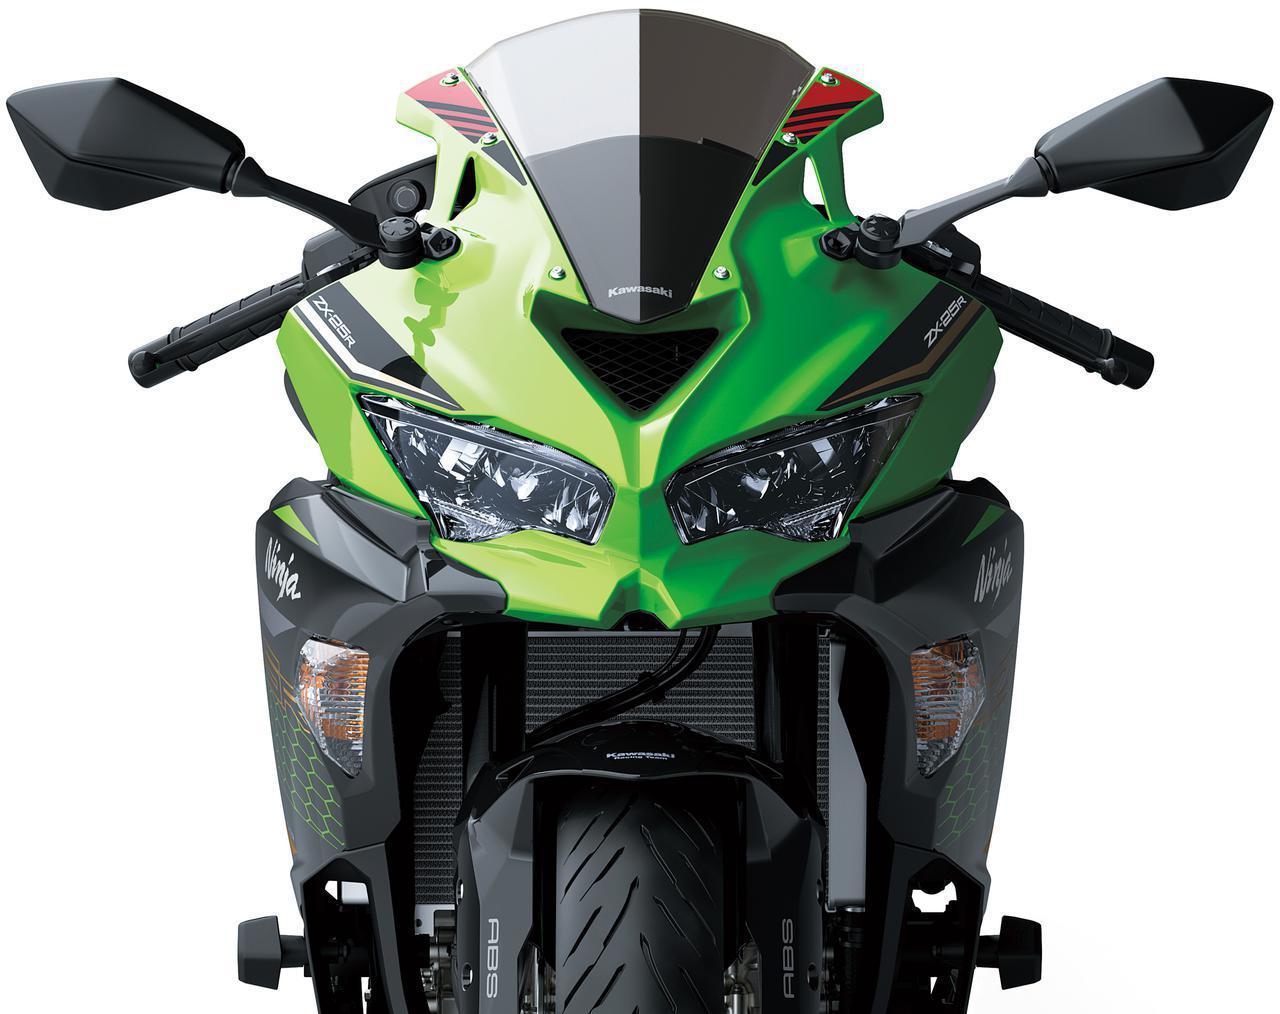 画像: カワサキ「Ninja ZX-25R」国内仕様車の価格・発売日・スペック・カラーバリエーションが決定! - webオートバイ